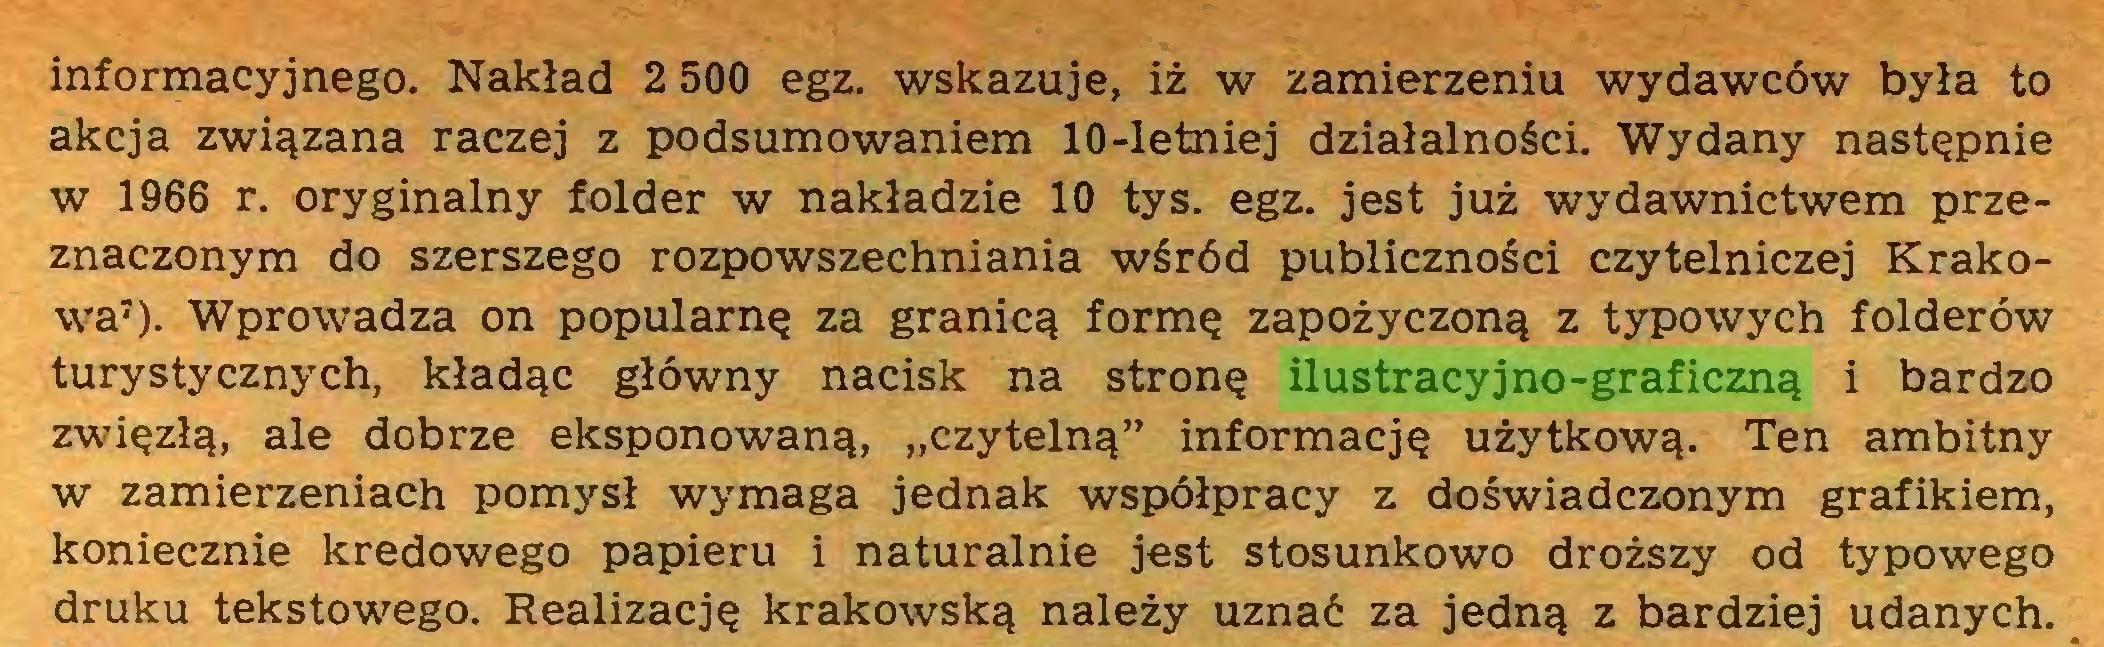 """(...) informacyjnego. Nakład 2 500 egz. wskazuje, iż w zamierzeniu wydawców była to akcja związana raczej z podsumowaniem 10-letniej działalności. Wydany następnie w 1966 r. oryginalny folder w nakładzie 10 tys. egz. jest już wydawnictwem przeznaczonym do szerszego rozpowszechniania wśród publiczności czytelniczej Krakowa7). Wprowadza on popularnę za granicą formę zapożyczoną z typowych folderów turystycznych, kładąc główny nacisk na stronę ilustracyjno-graficzną i bardzo zwięzłą, ale dobrze eksponowaną, """"czytelną"""" informację użytkową. Ten ambitny w zamierzeniach pomysł wymaga jednak współpracy z doświadczonym grafikiem, koniecznie kredowego papieru i naturalnie jest stosunkowo droższy od typowego druku tekstowego. Realizację krakowską należy uznać za jedną z bardziej udanych..."""